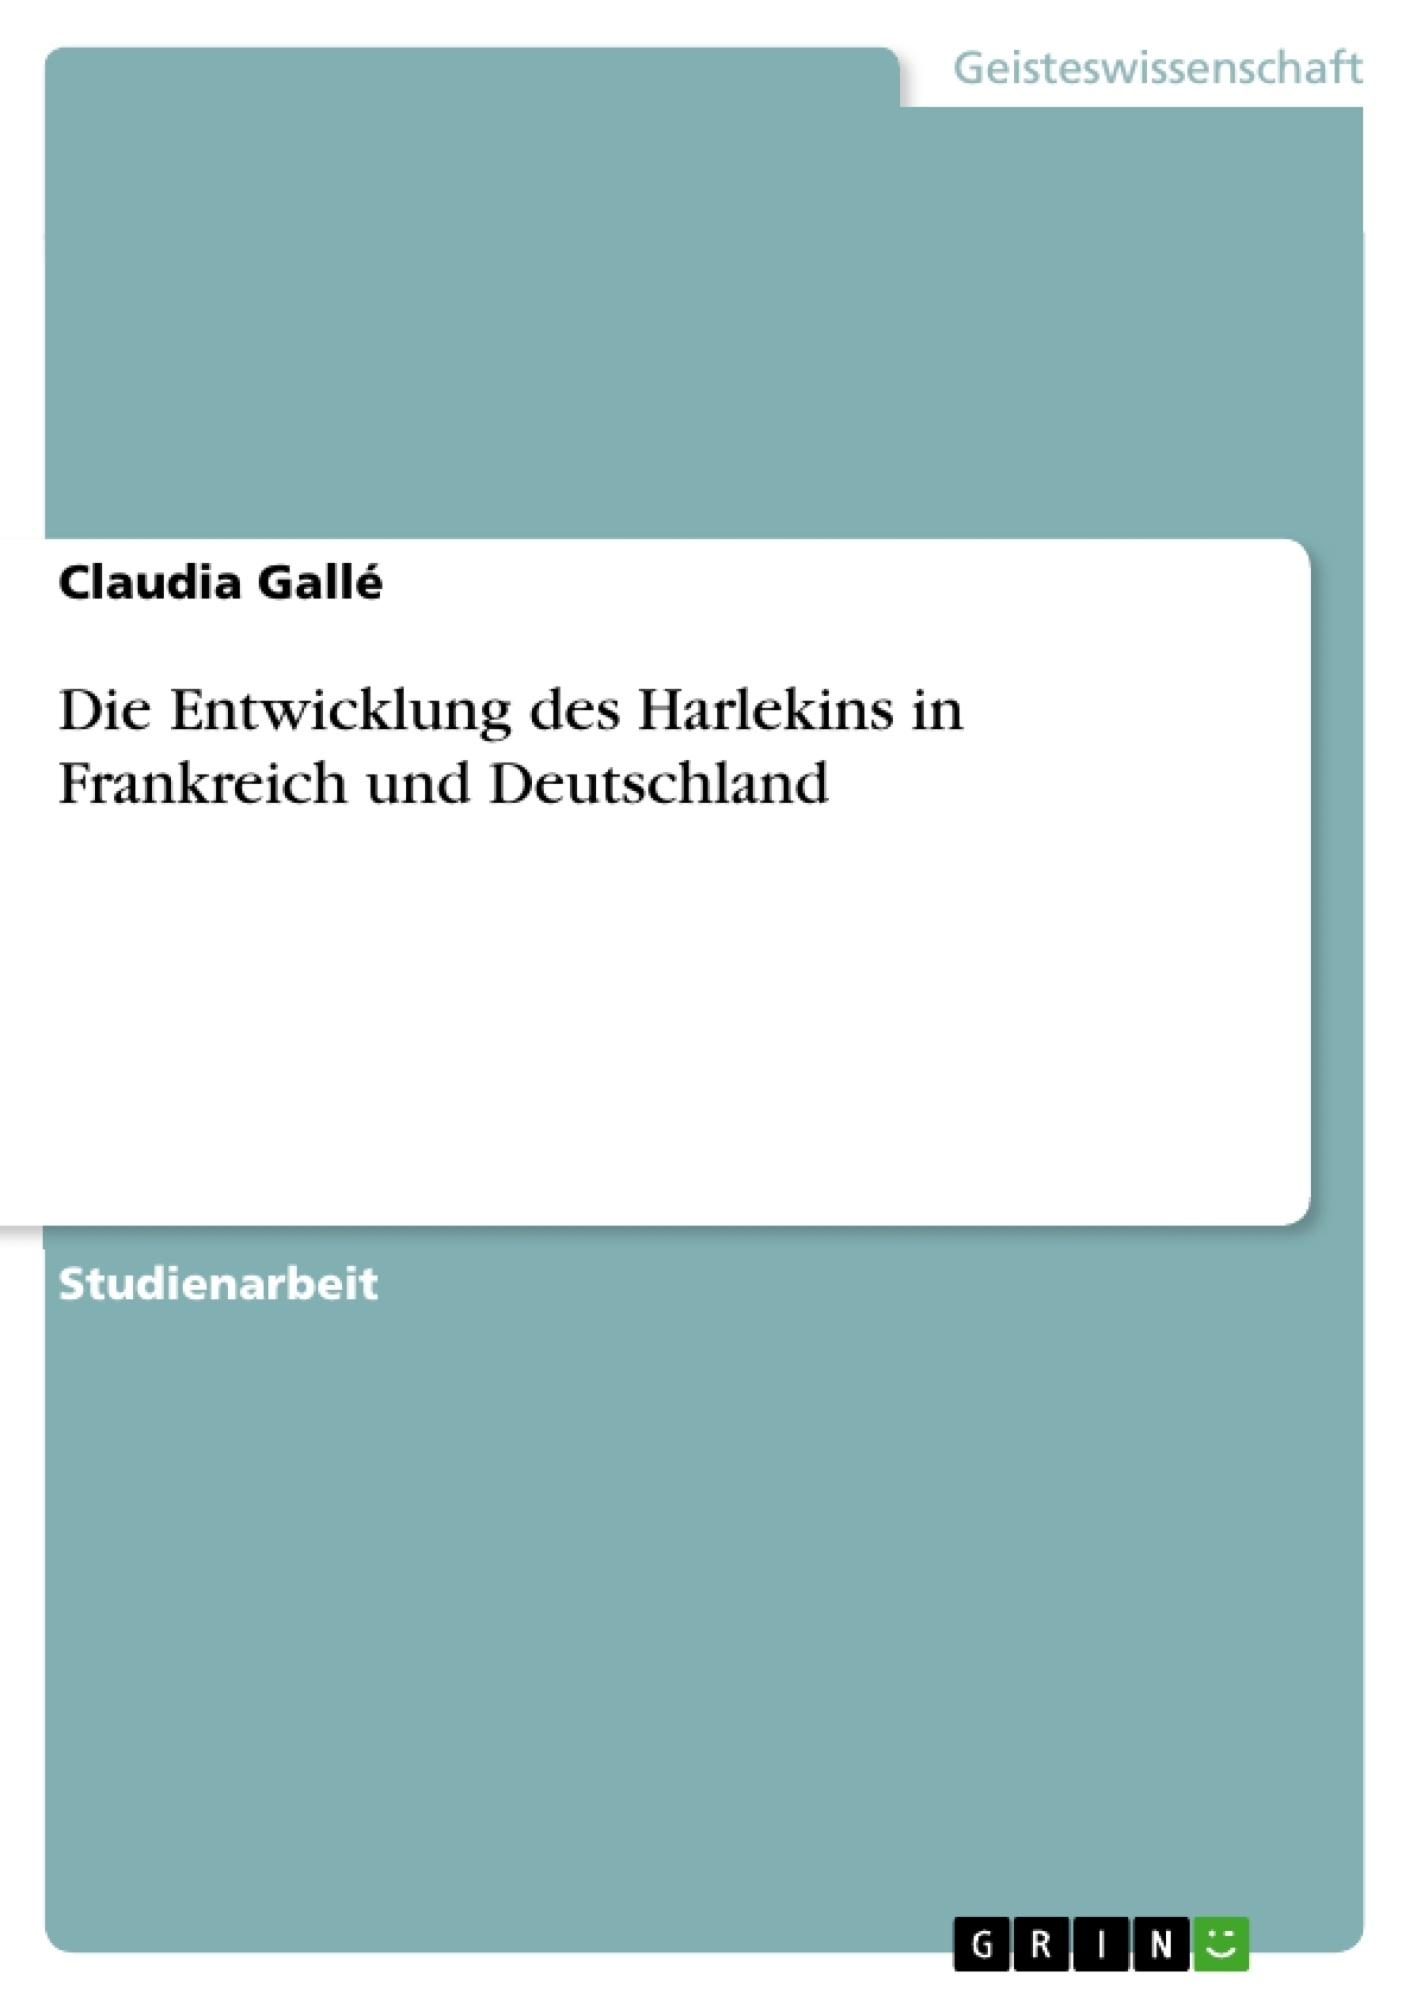 Titel: Die Entwicklung des Harlekins in Frankreich und Deutschland